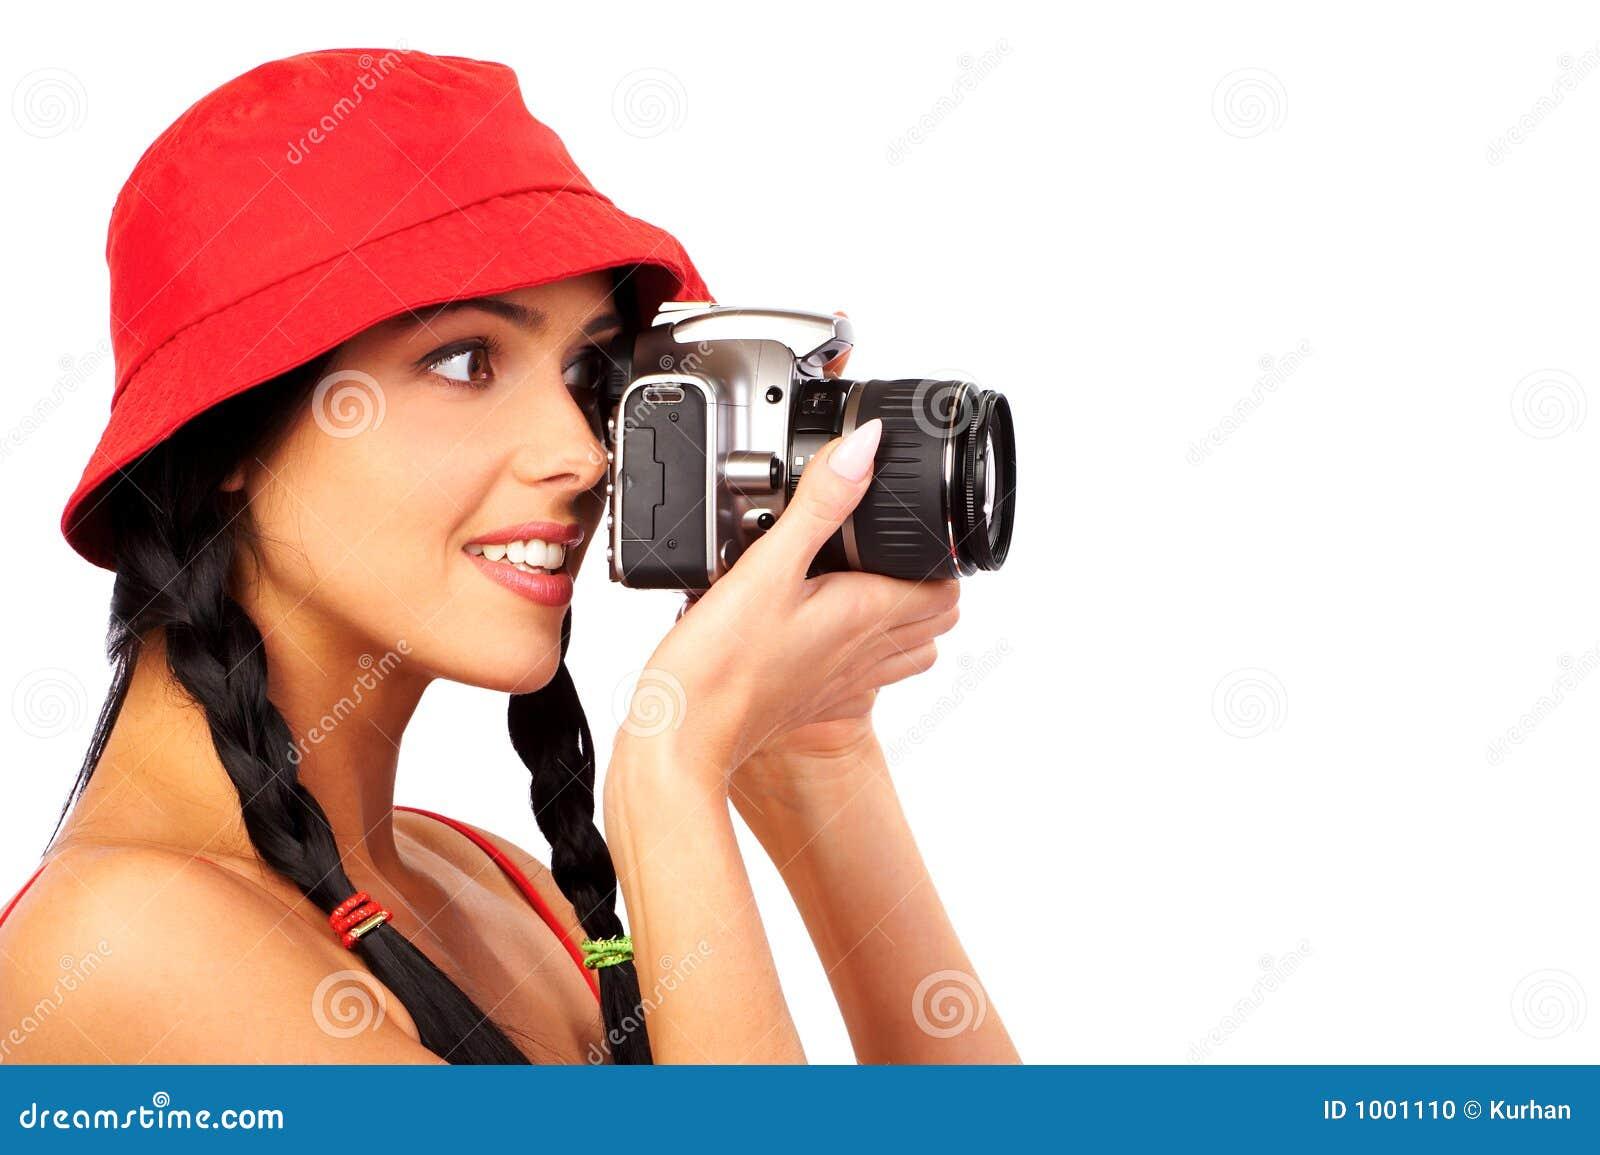 Девушка фотоаппарат отправить сообщение